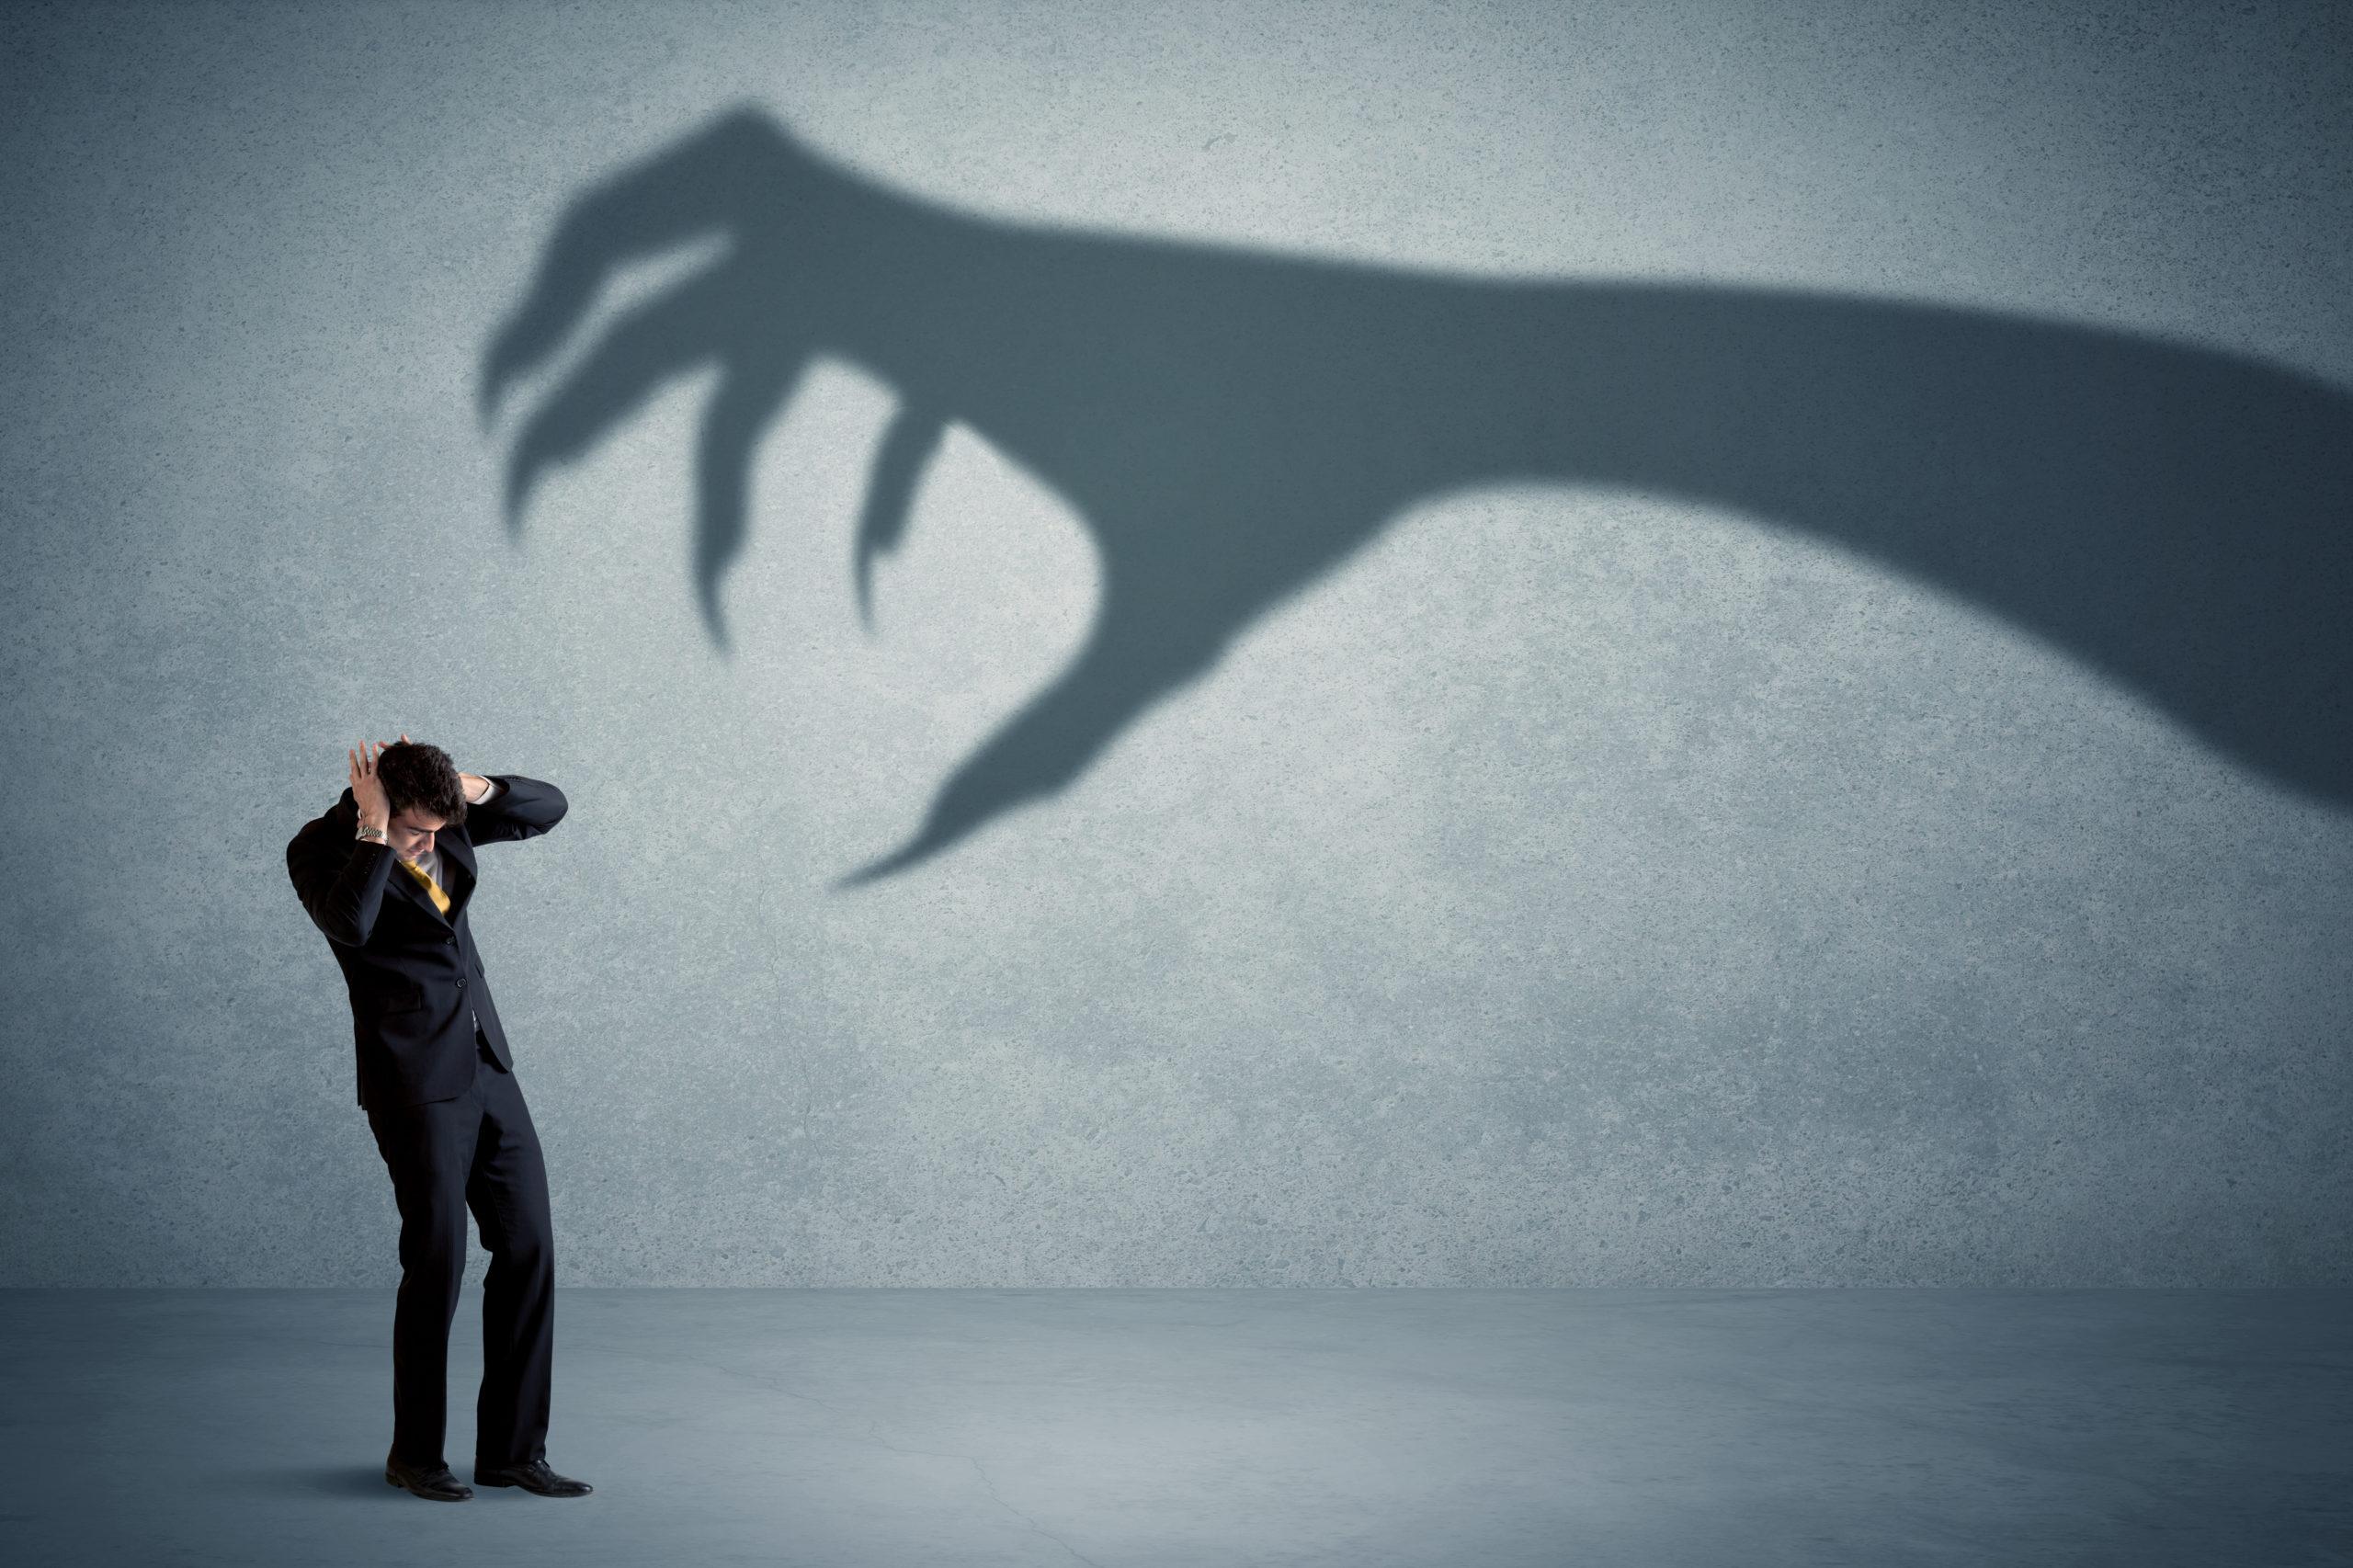 Bild eines Mannes, der Angst hat, vor dem Schatten eine bedrohlichen Hand